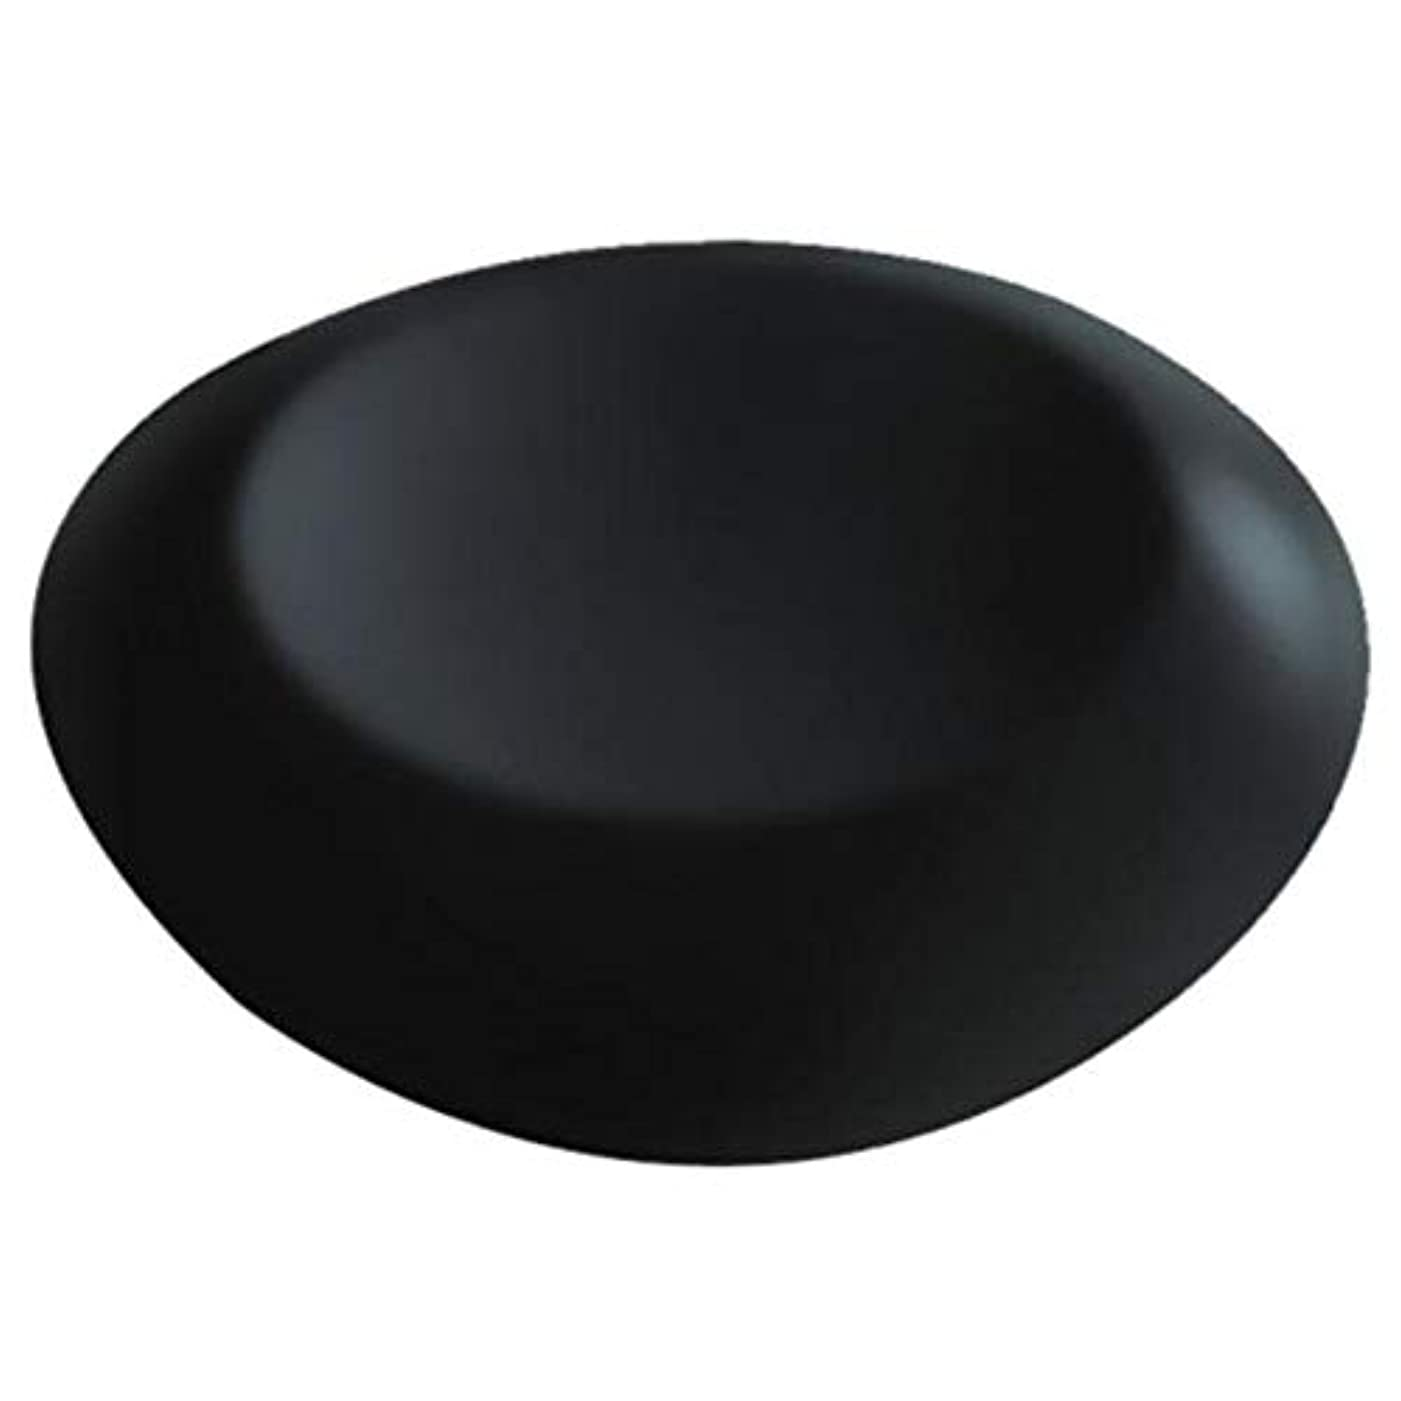 鮮やかなコメンテーター強化滑り止めサクションカップ付きラウンドバスヘッドレストPUバスクッション人間工学に基づいたホームスパヘッドレスト